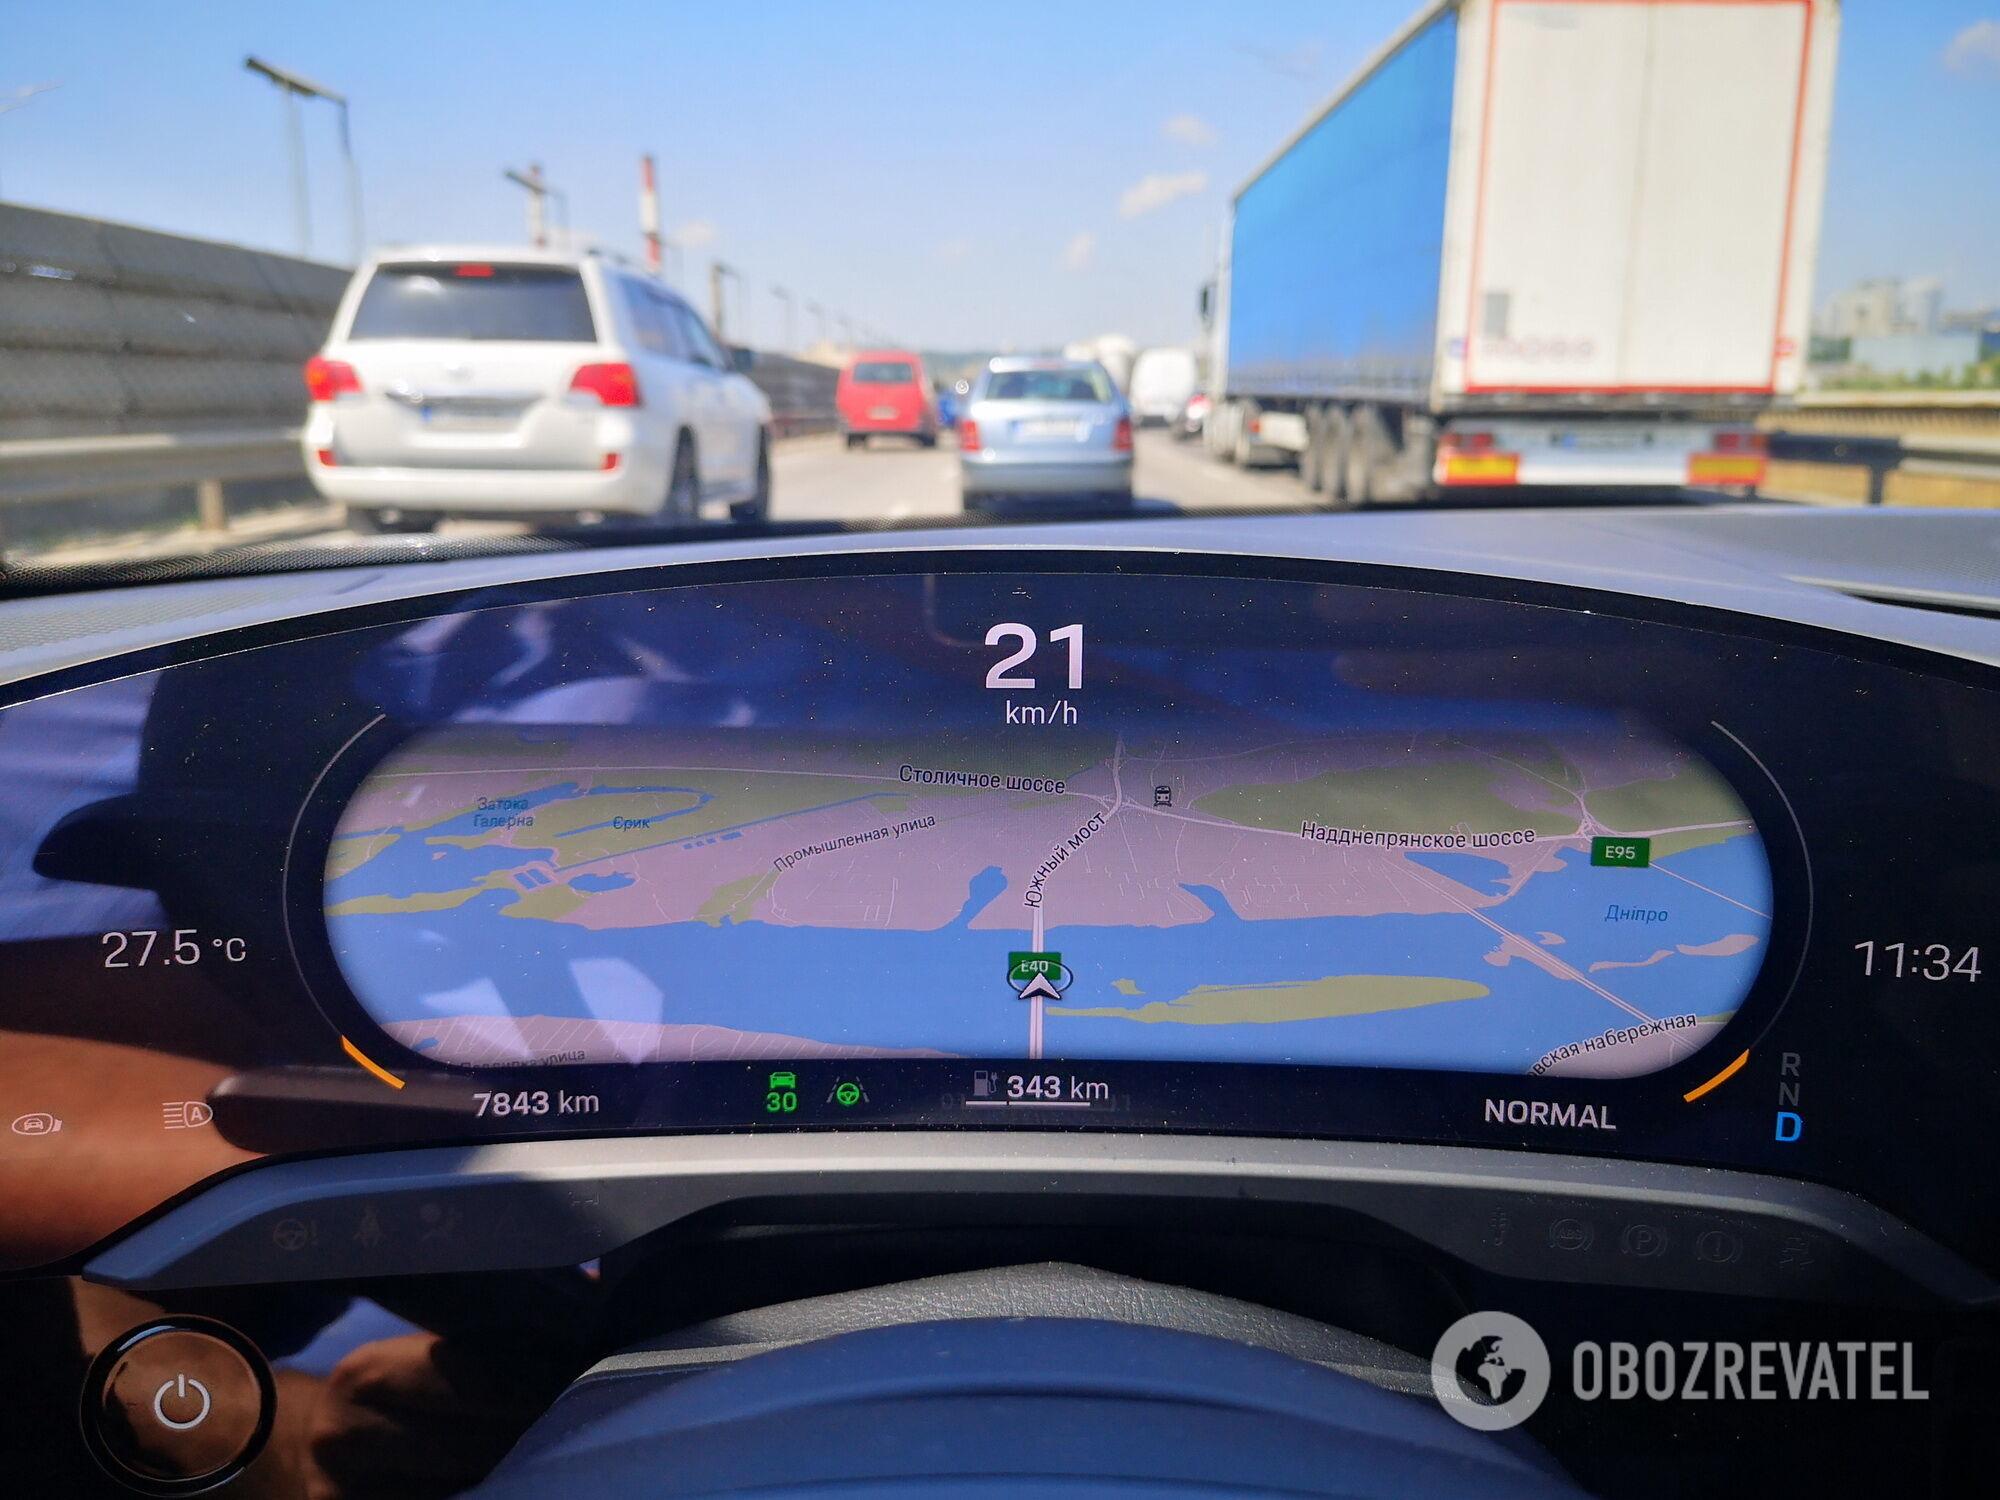 Приборную панель можно менять по своему усмотрению, например вывести карту навигатора